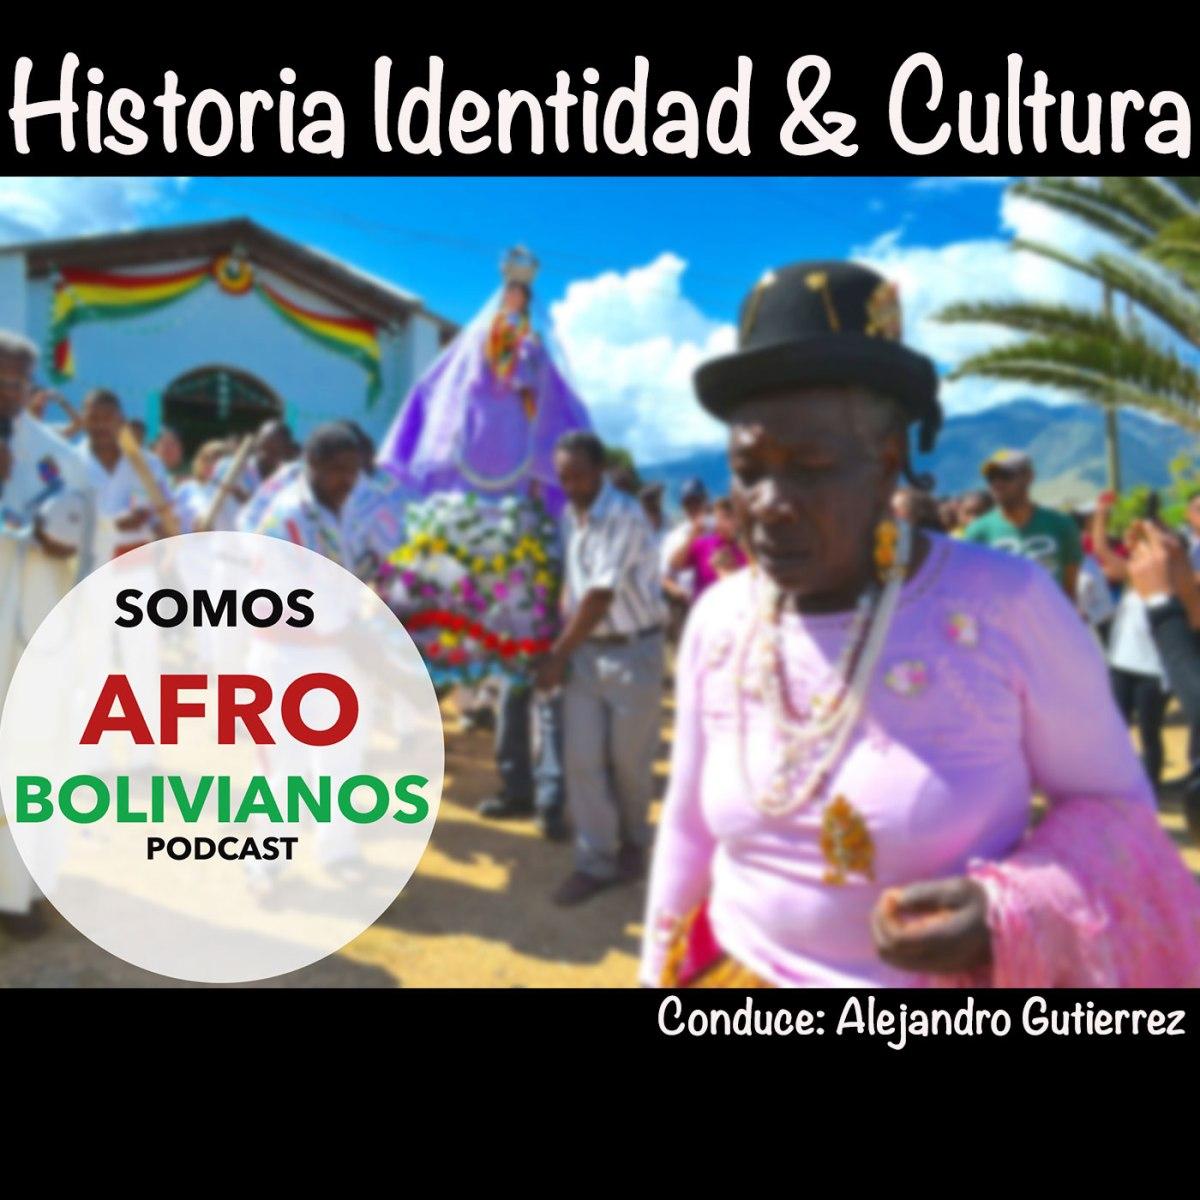 Episodio 2 Podcast: La Independencia de Bolívar a Bolivia y la vida en la Hacienda